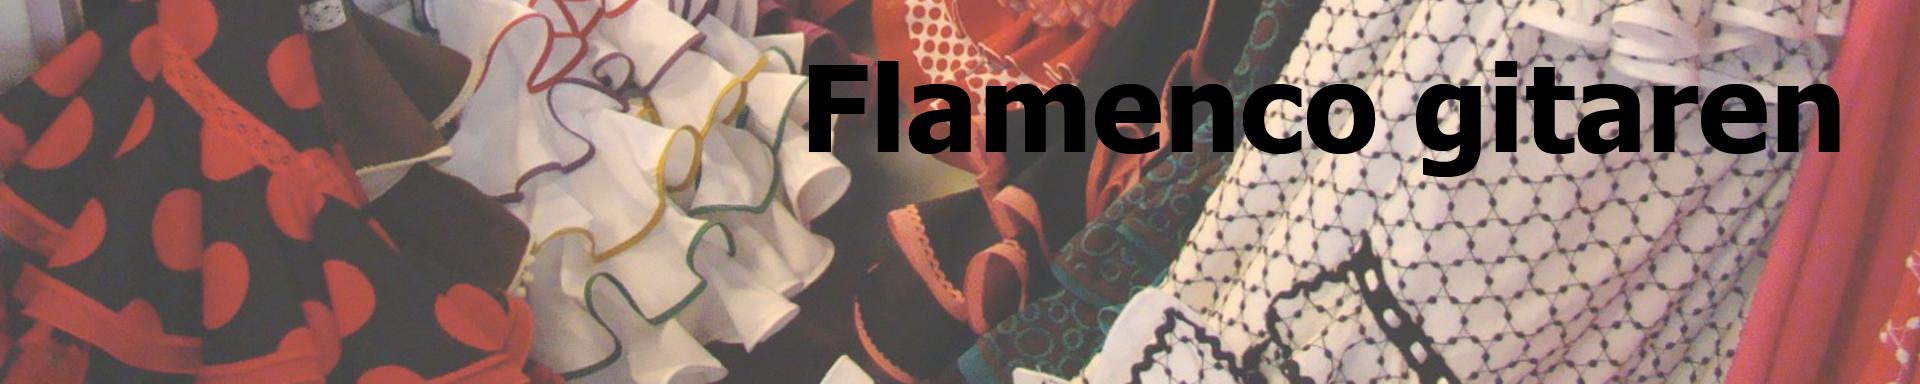 Flamenco gitaren